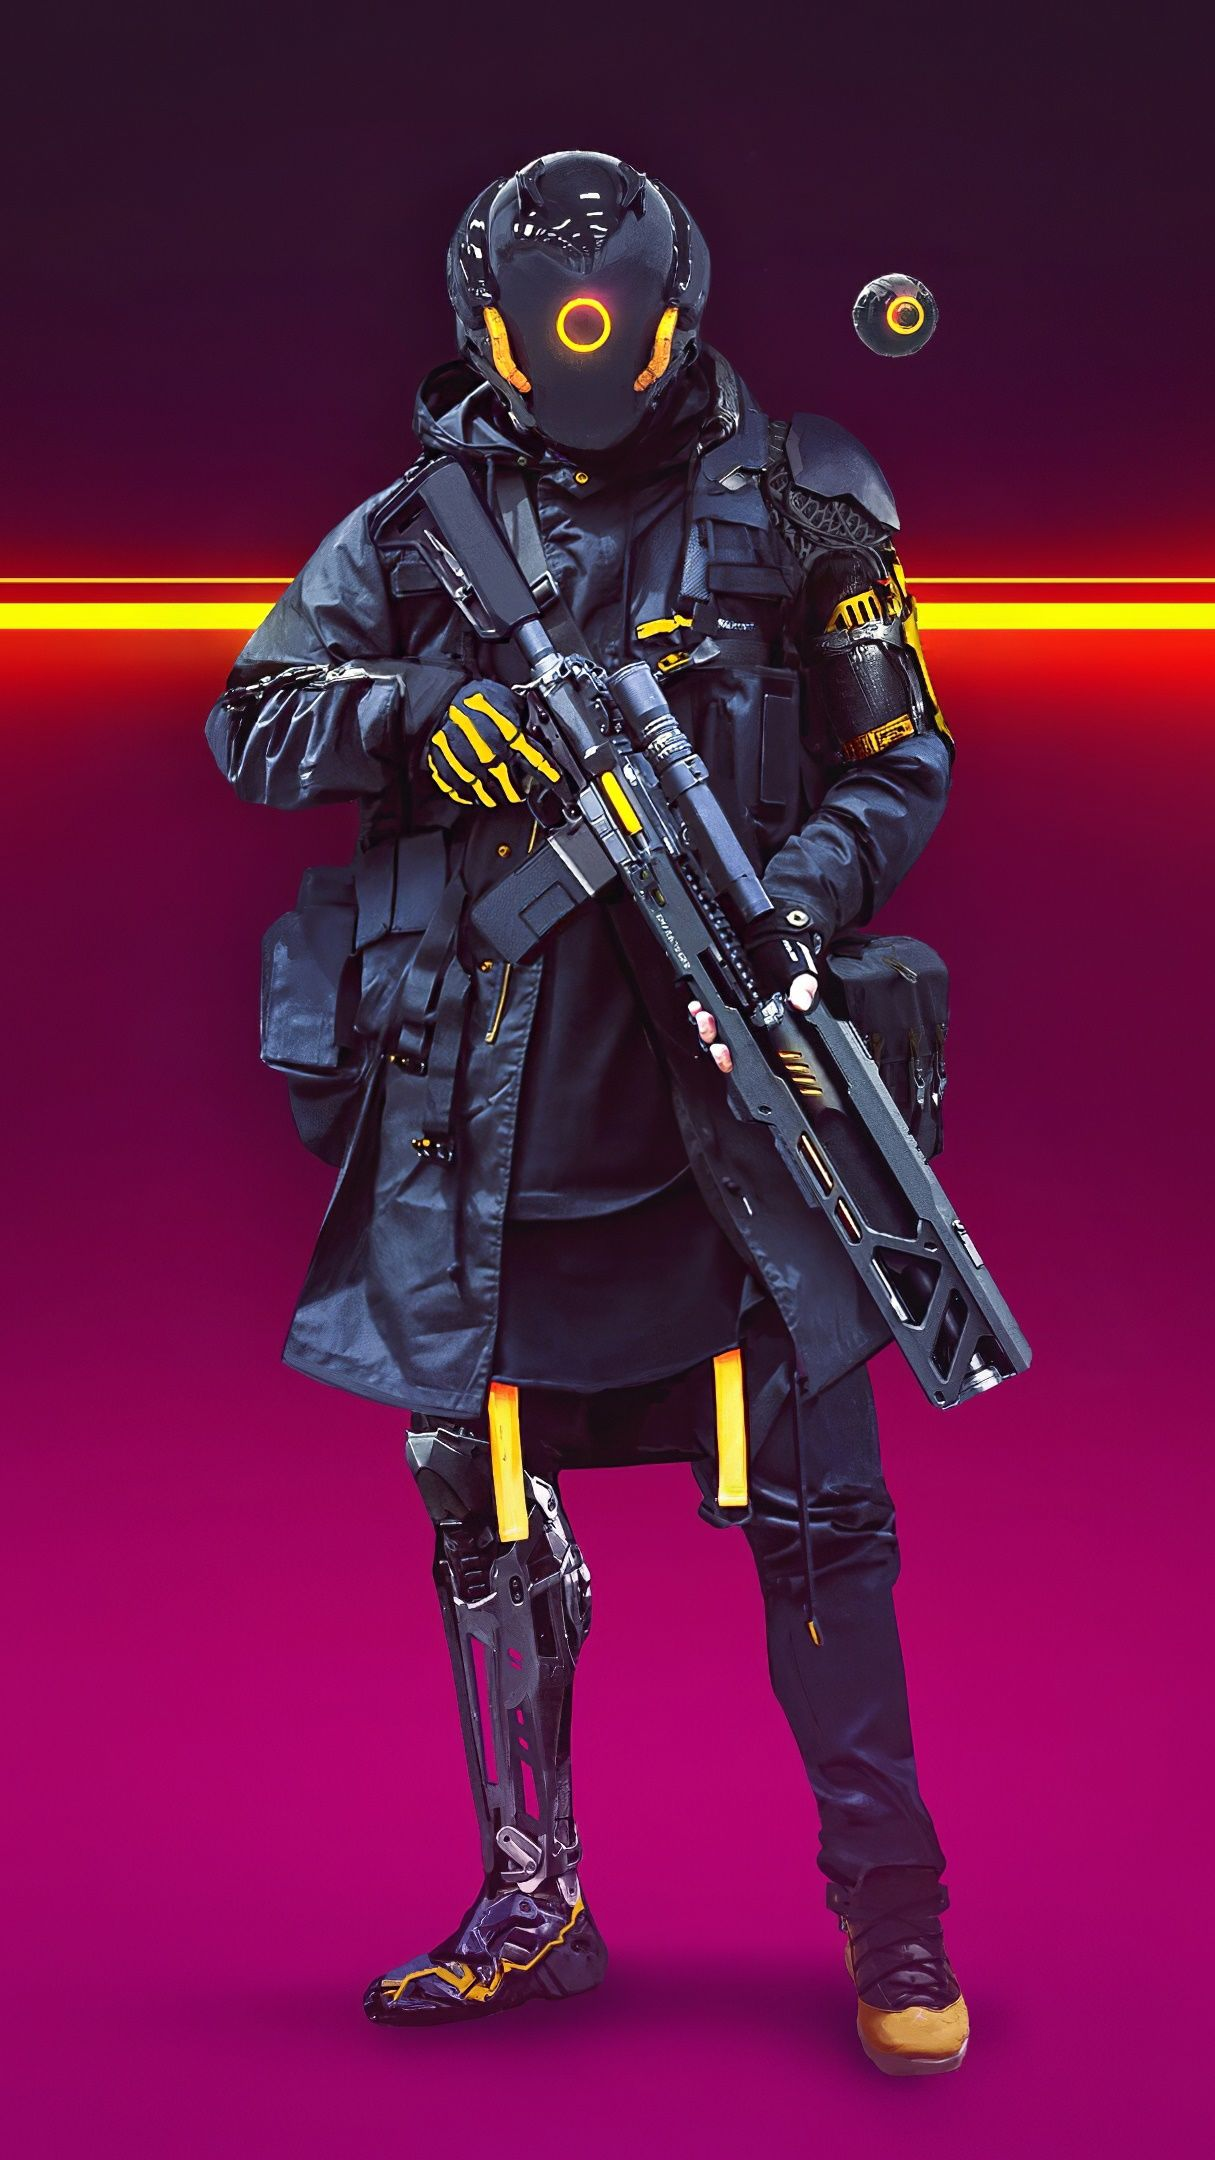 Cyberpunk Soldier 4K UltraHD Wallpaper - backiee - Free ...